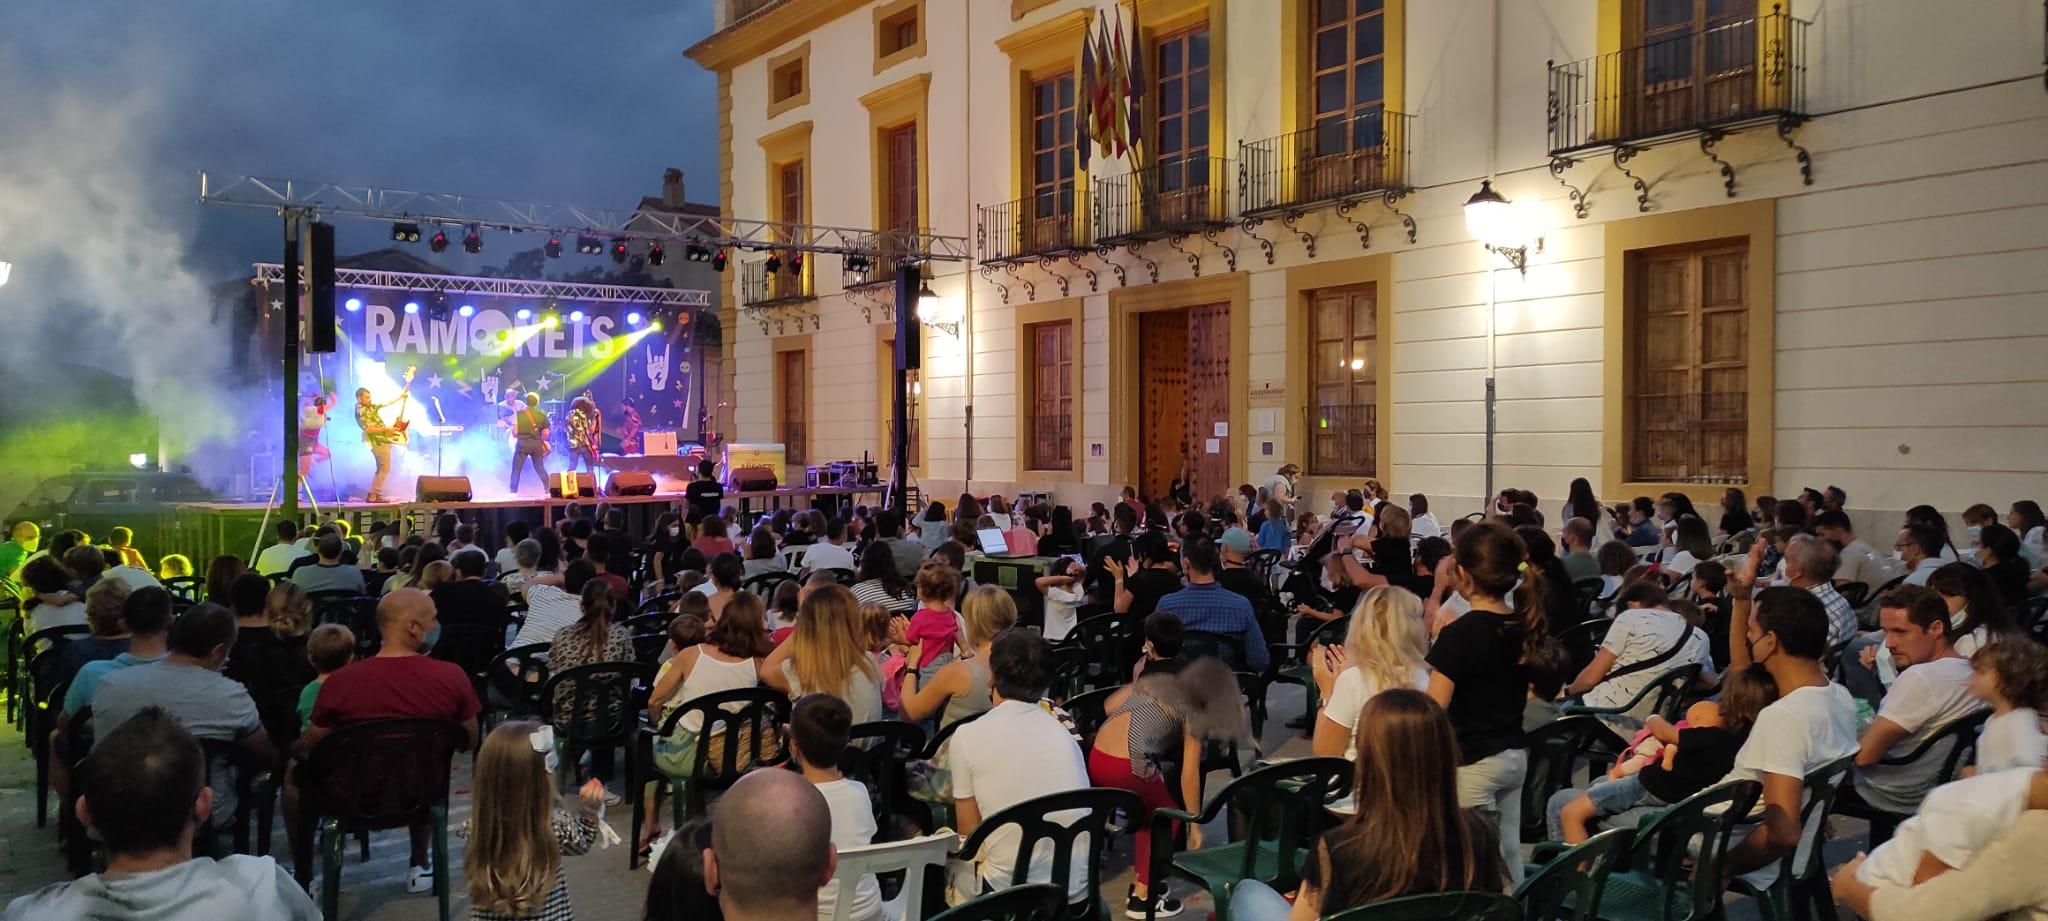 El MINI LLOS FESTIVAL fa vibrar a grans i menuts en la seua 1a Edició, i ompli de gom a gom la Plaça del Palau i els seus voltants